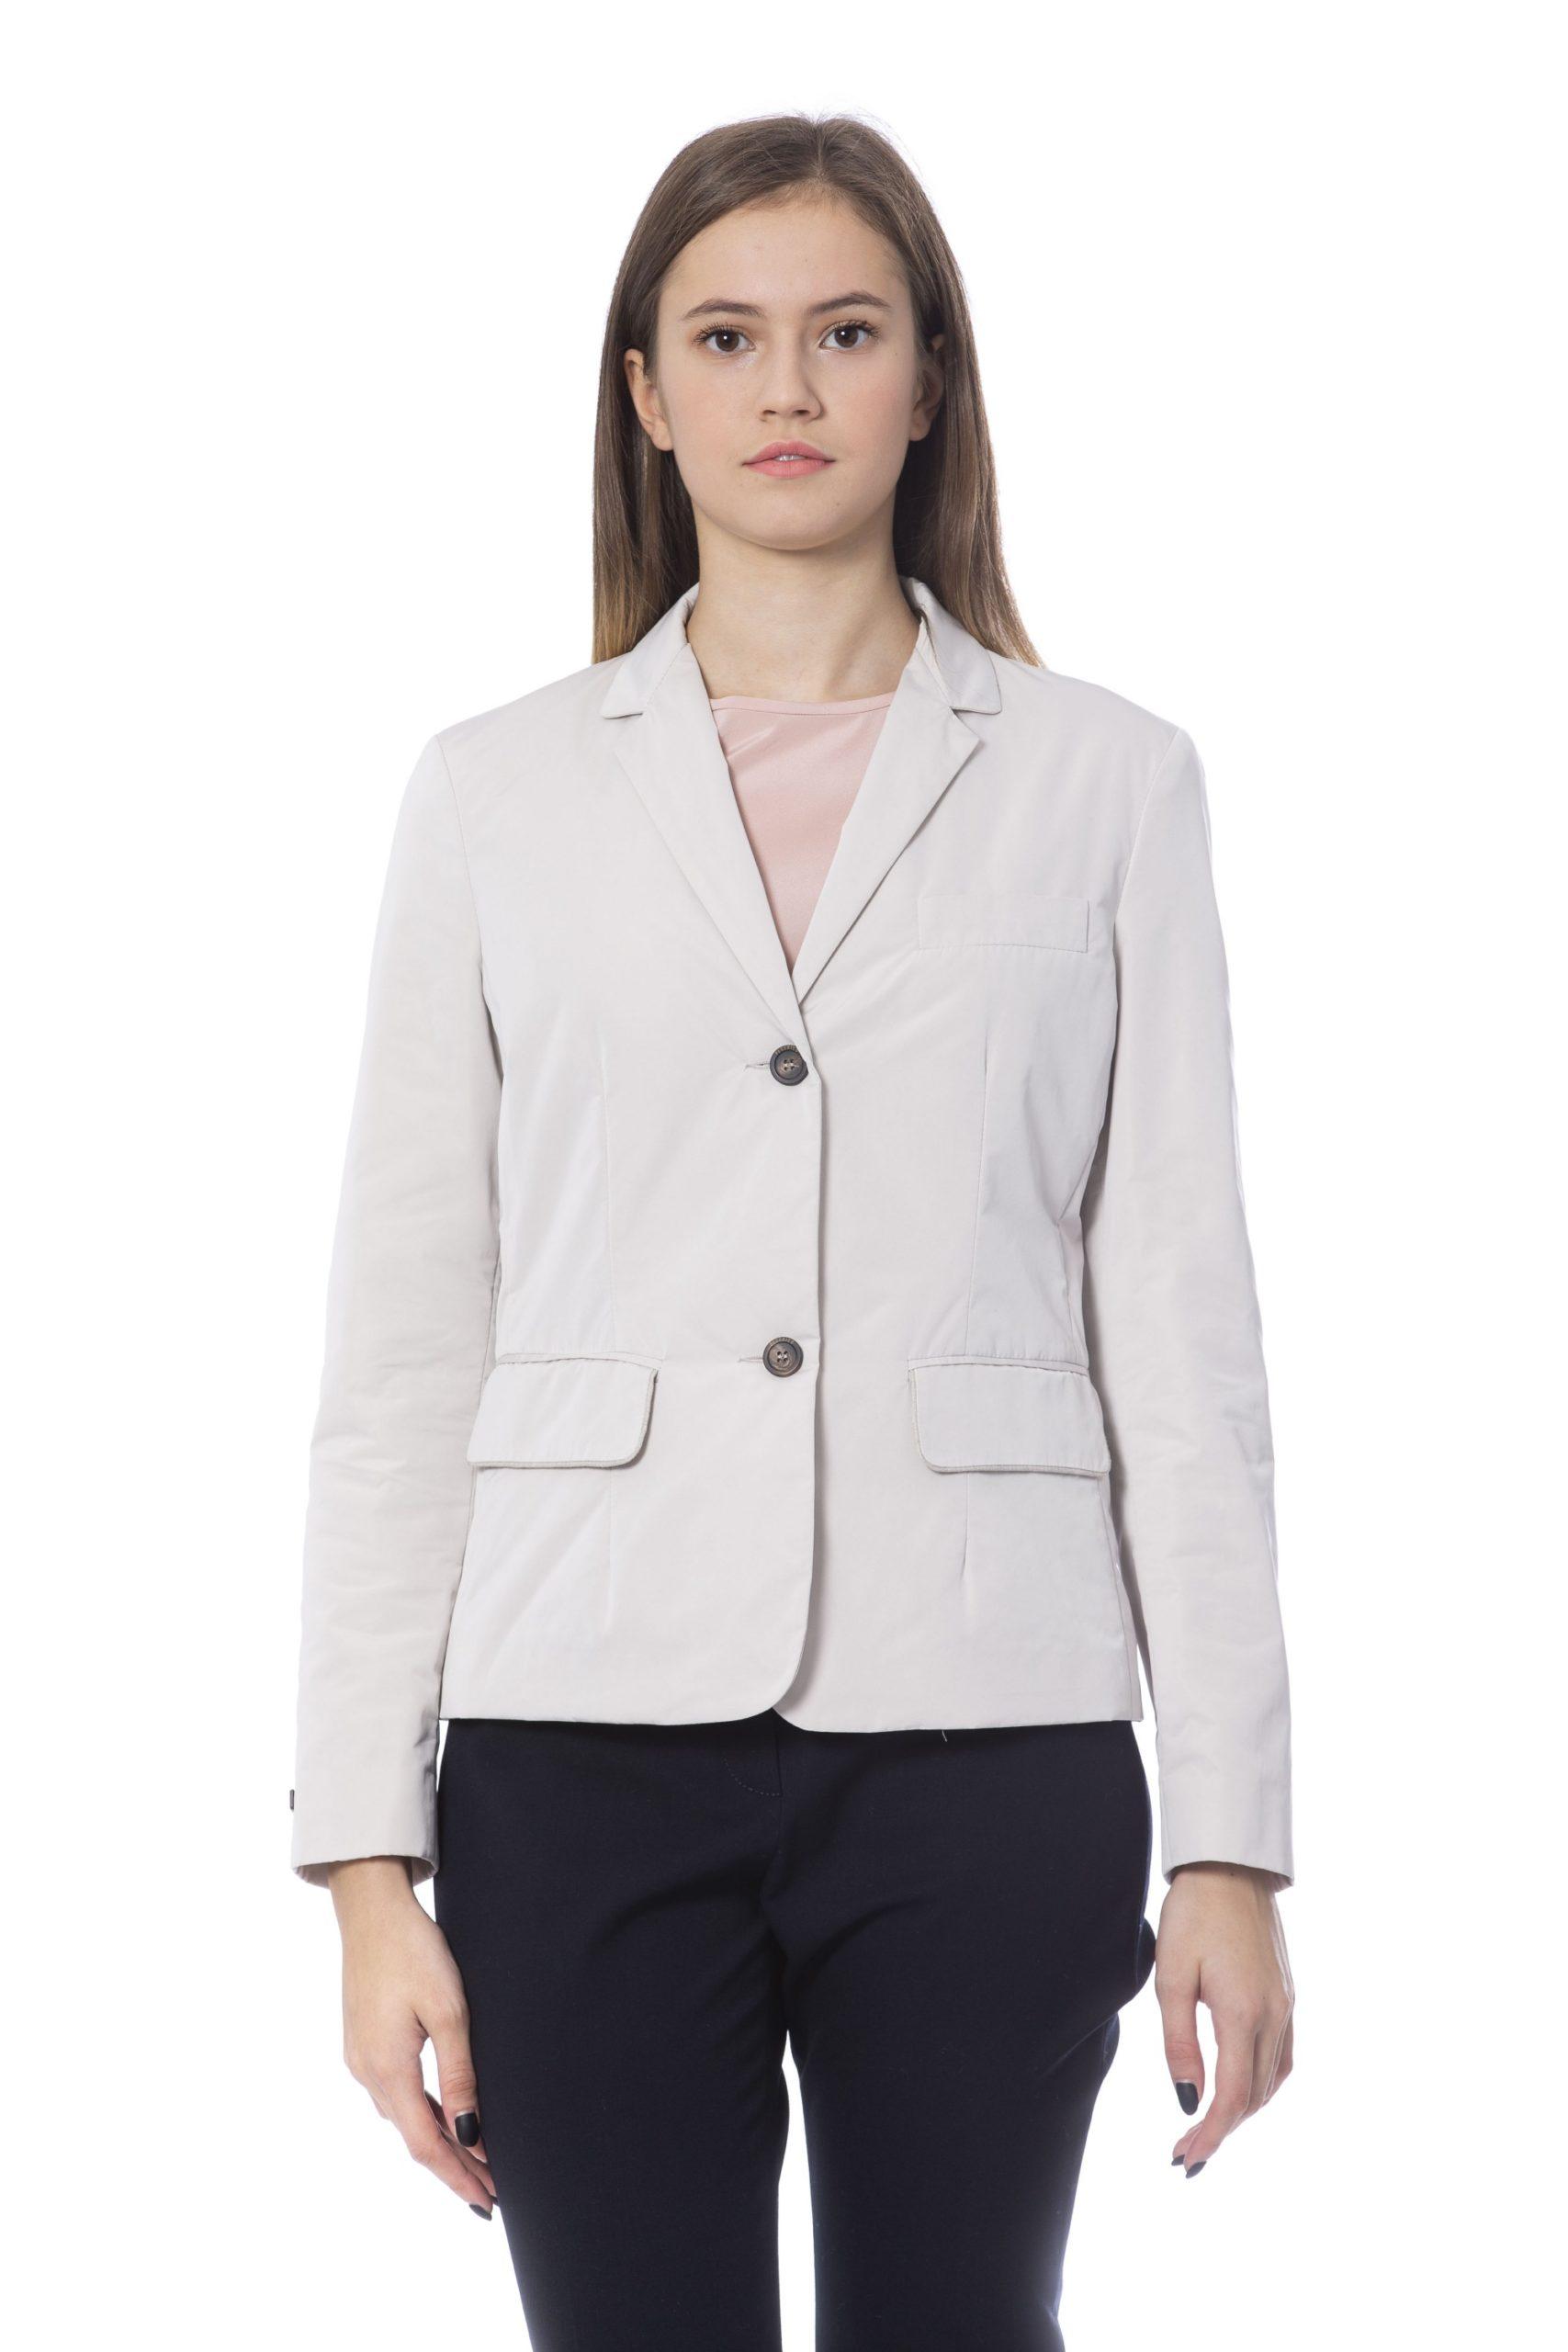 Peserico Women's Jackets Beige PE854592 - IT42 | S